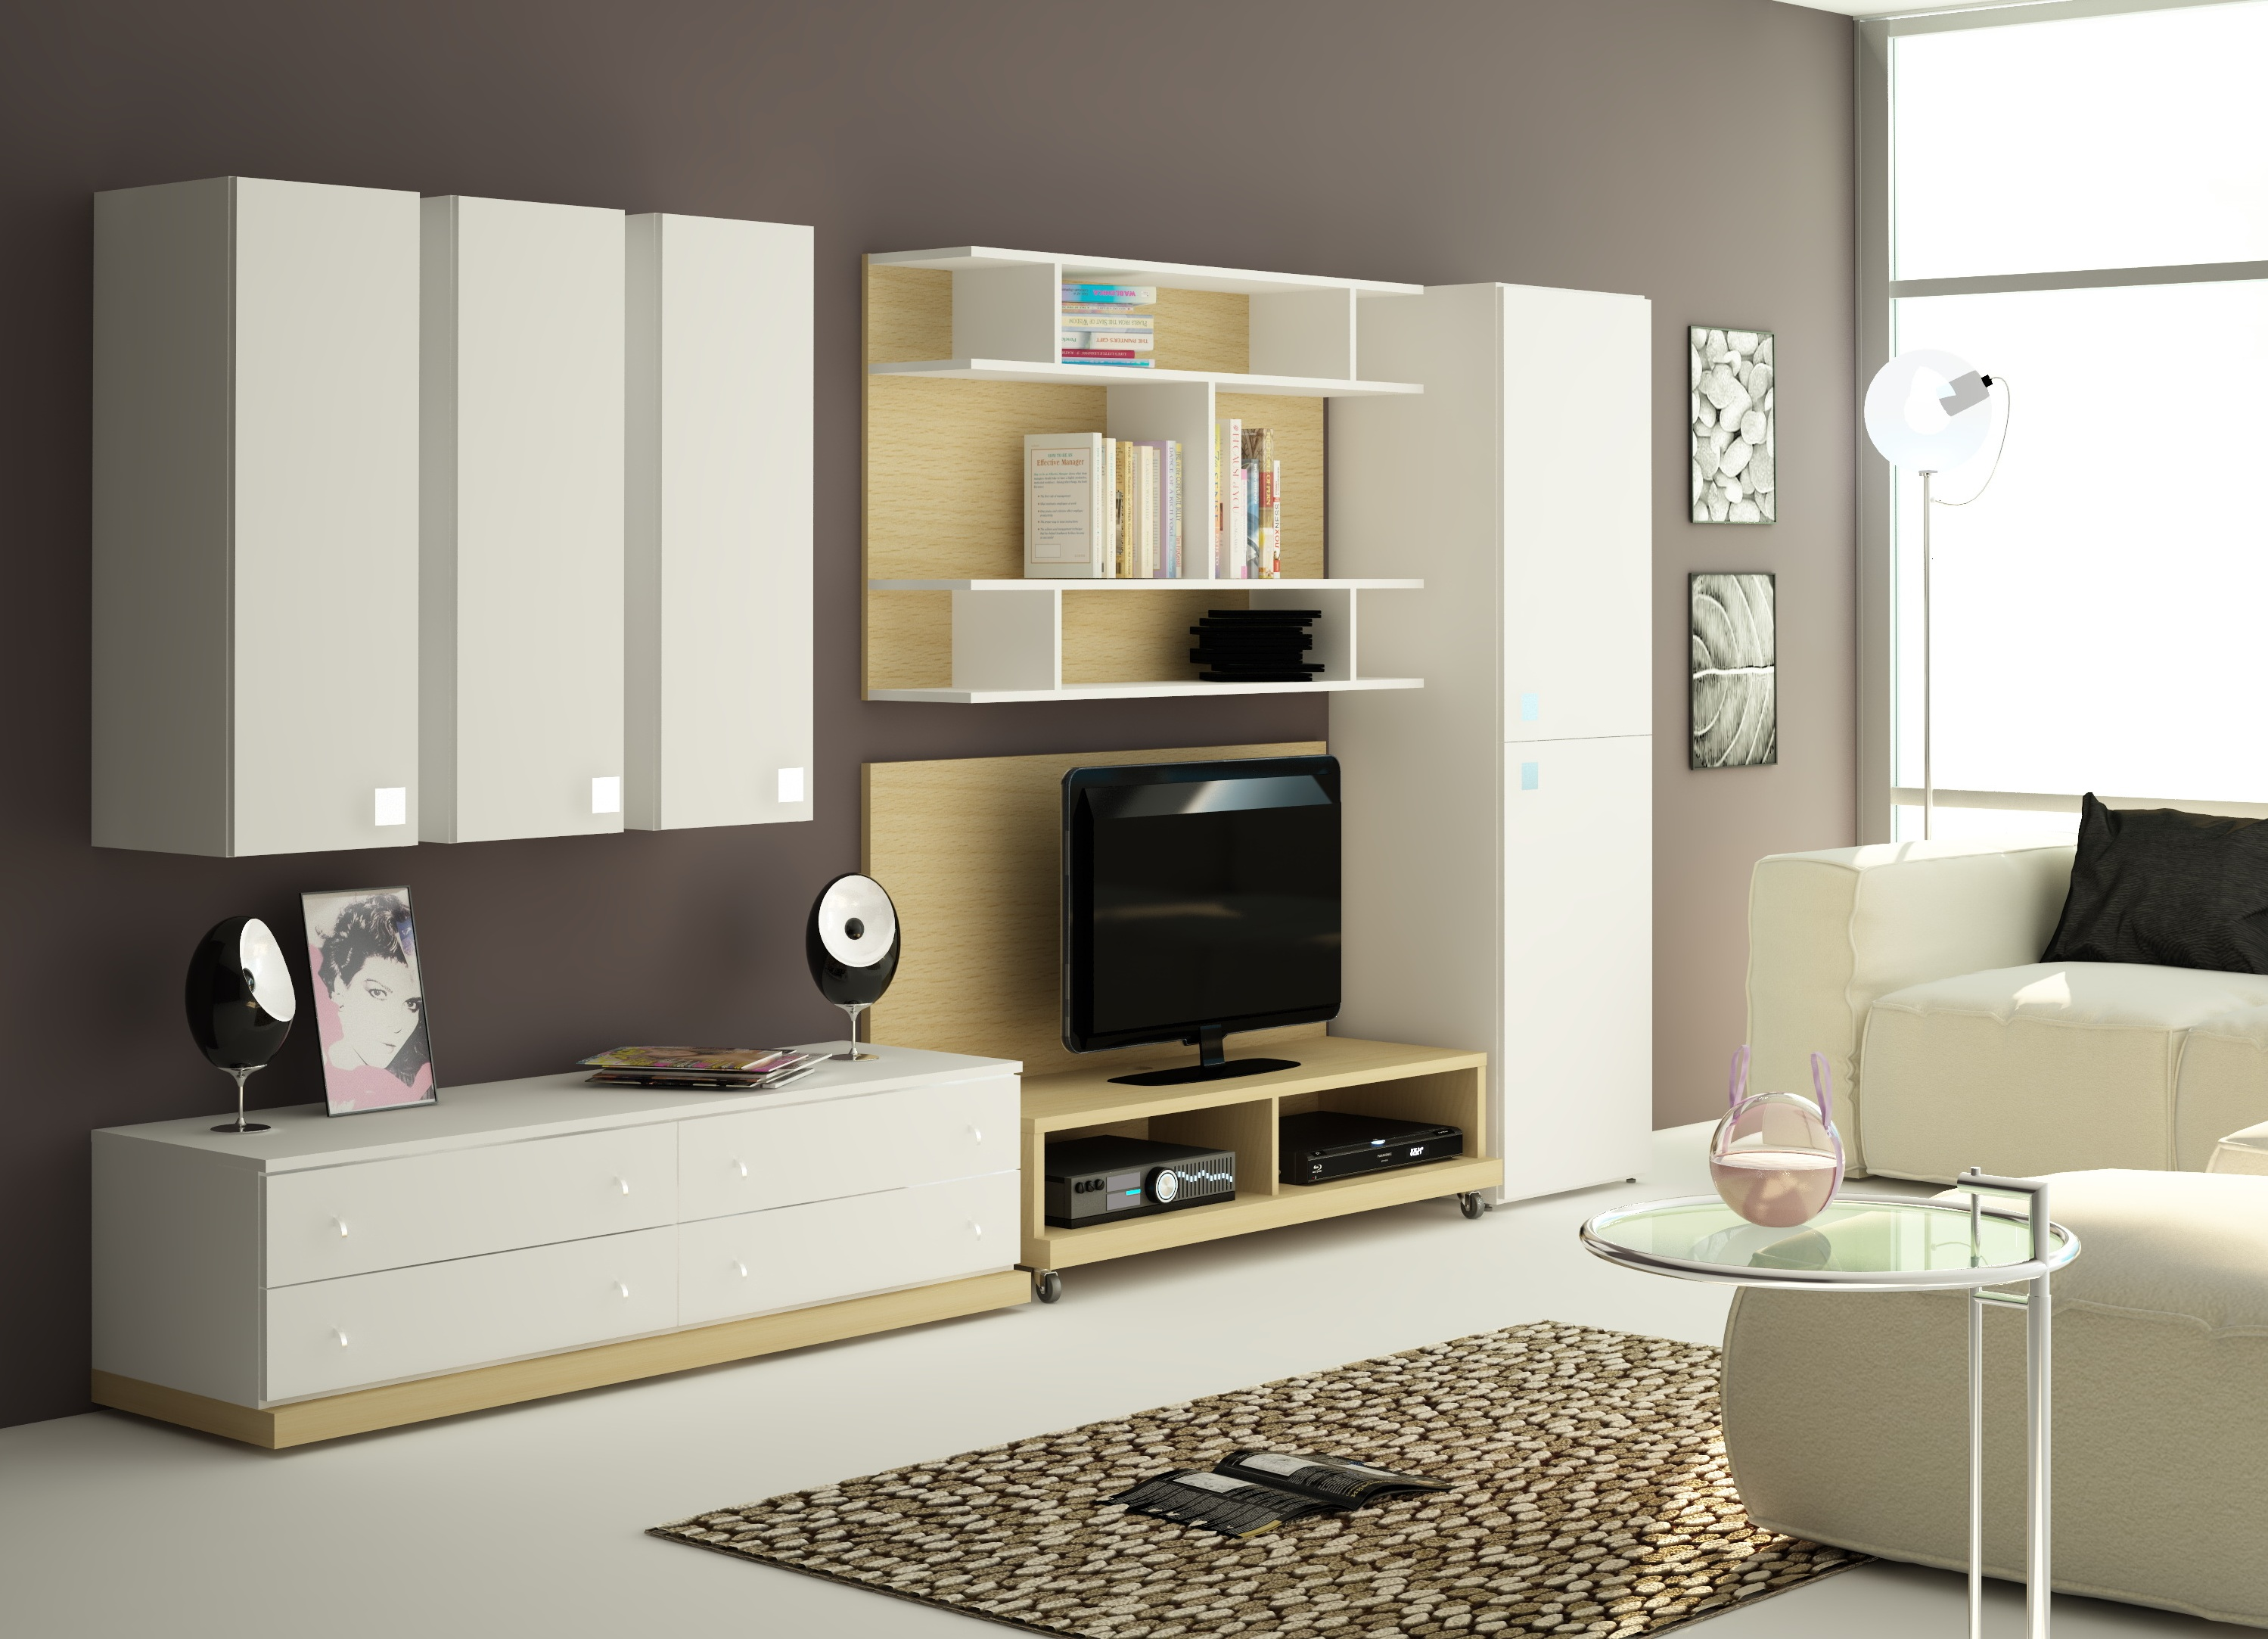 Примеры гостиных комнат с мебелью в изящном современном стиле